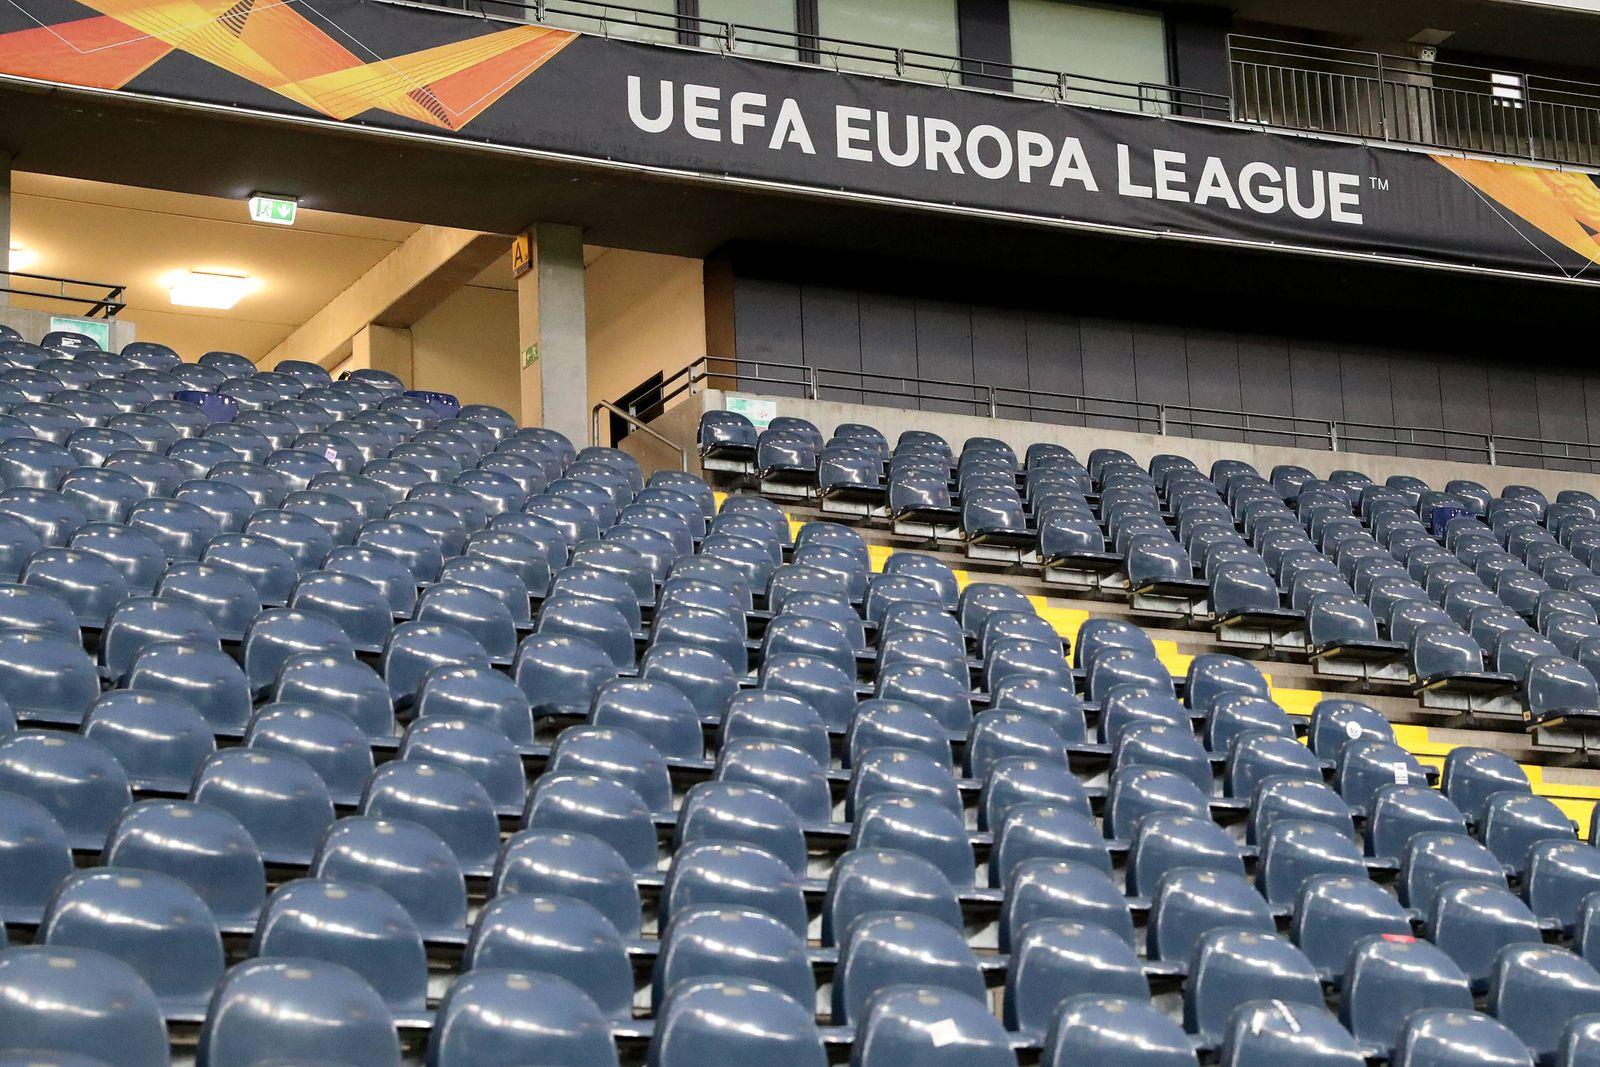 Fußball - Europa League - Eintracht Frankfurt - FC Basel am 12.03.2020 in der Commerzbank-Arena in Frankfurt Leere Sitz